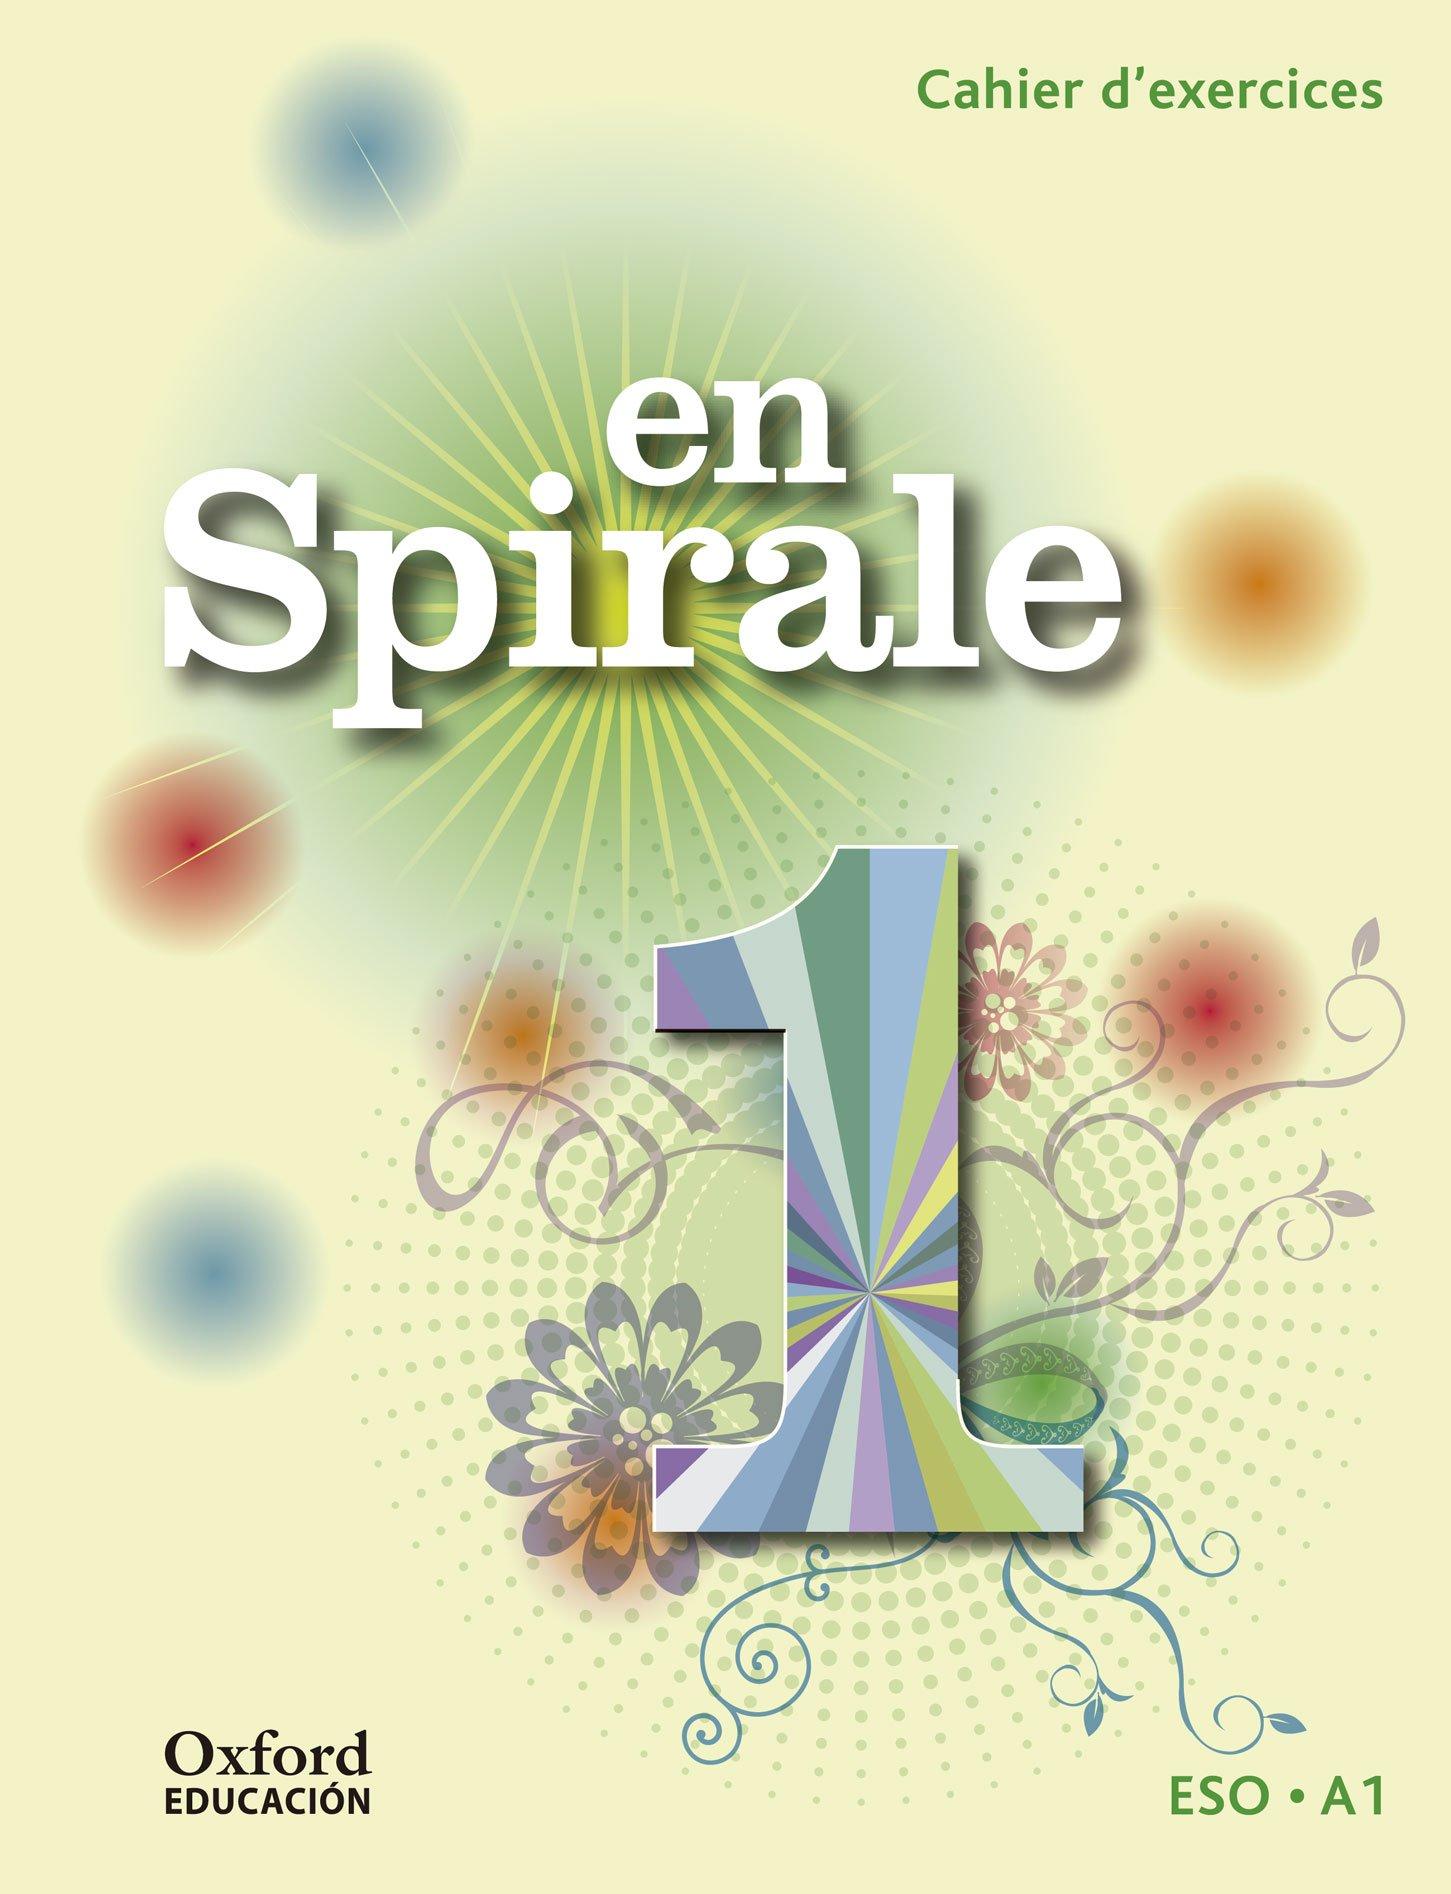 En Spirale 1. Cahier D'exercices (+ Grammaire) - 9788467397604 Artículos de papelería – 29 may 2015 Marie Palomino S.A. 8467397608 YQ